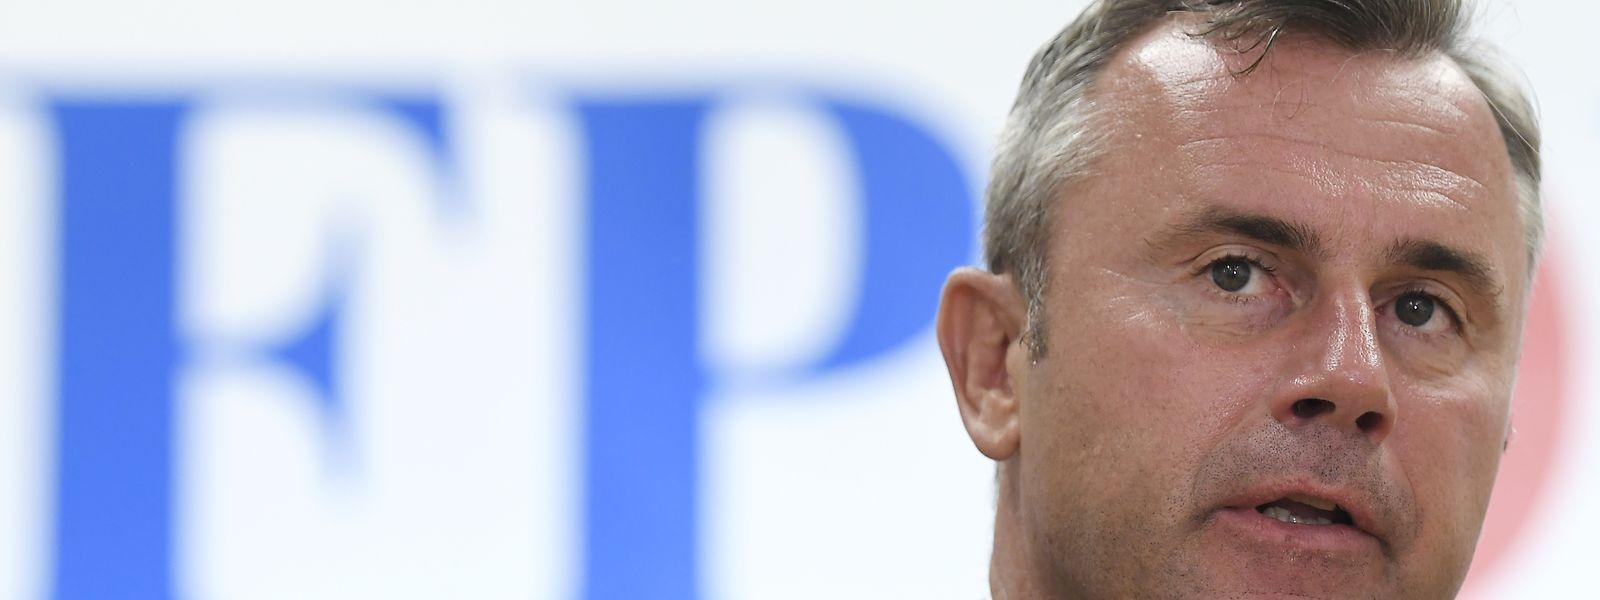 Norbert Hofer, bereits Vorsitzender der FPÖ-Fraktion im Nationalrat, soll am Samstag auf dem FPÖ-Parteitag offiziell zum Parteichef gewählt werden.